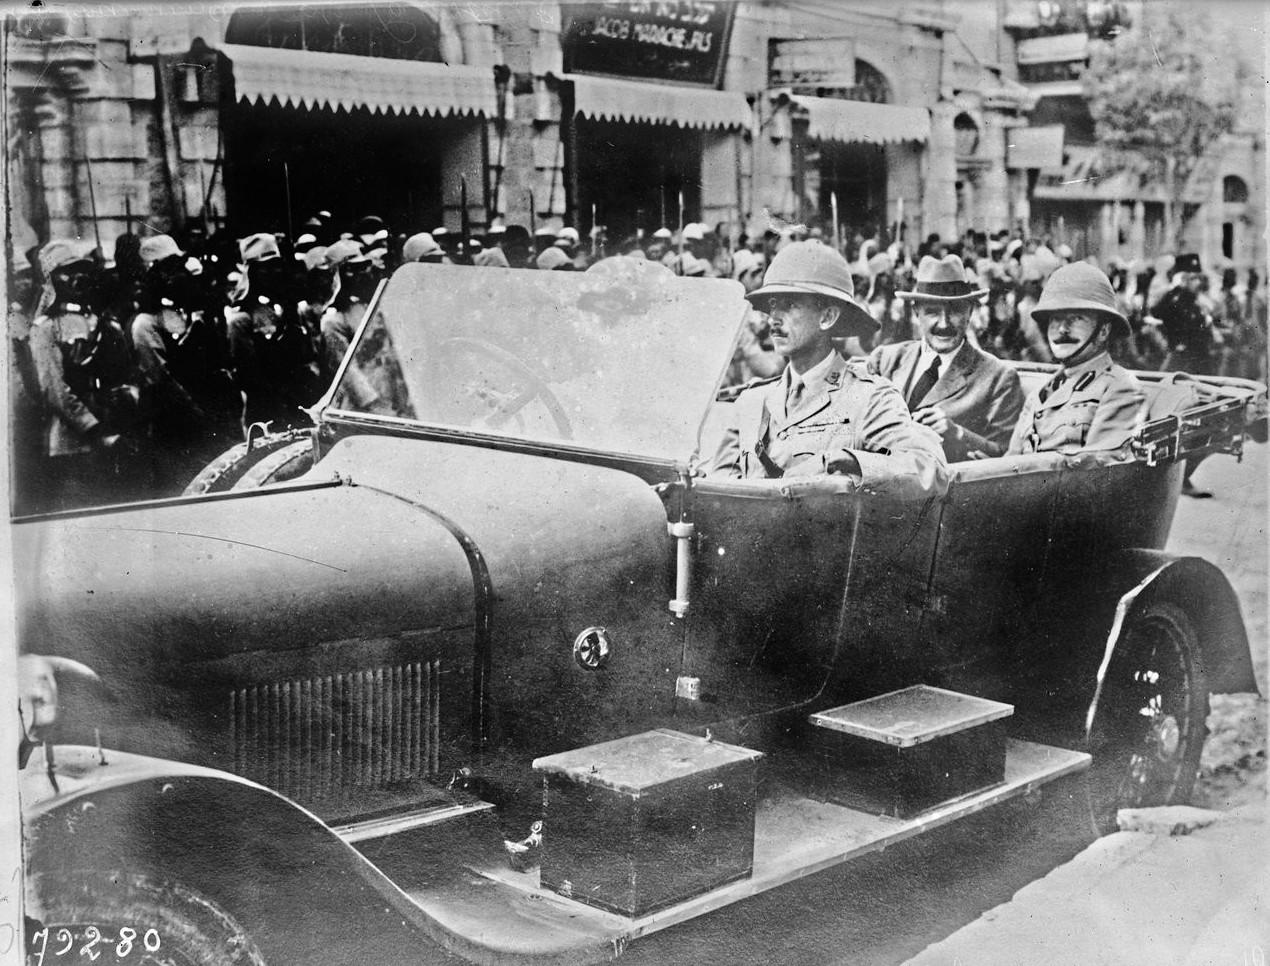 1922. Рональд Генри Сторрз, военный губернатор Иерусалима и лорд Эдмунд Алленби посещает лорда-мэра Иерусалима после назначения сэра Герберта Луиса Самуэля  Верховным комиссаром Палестины